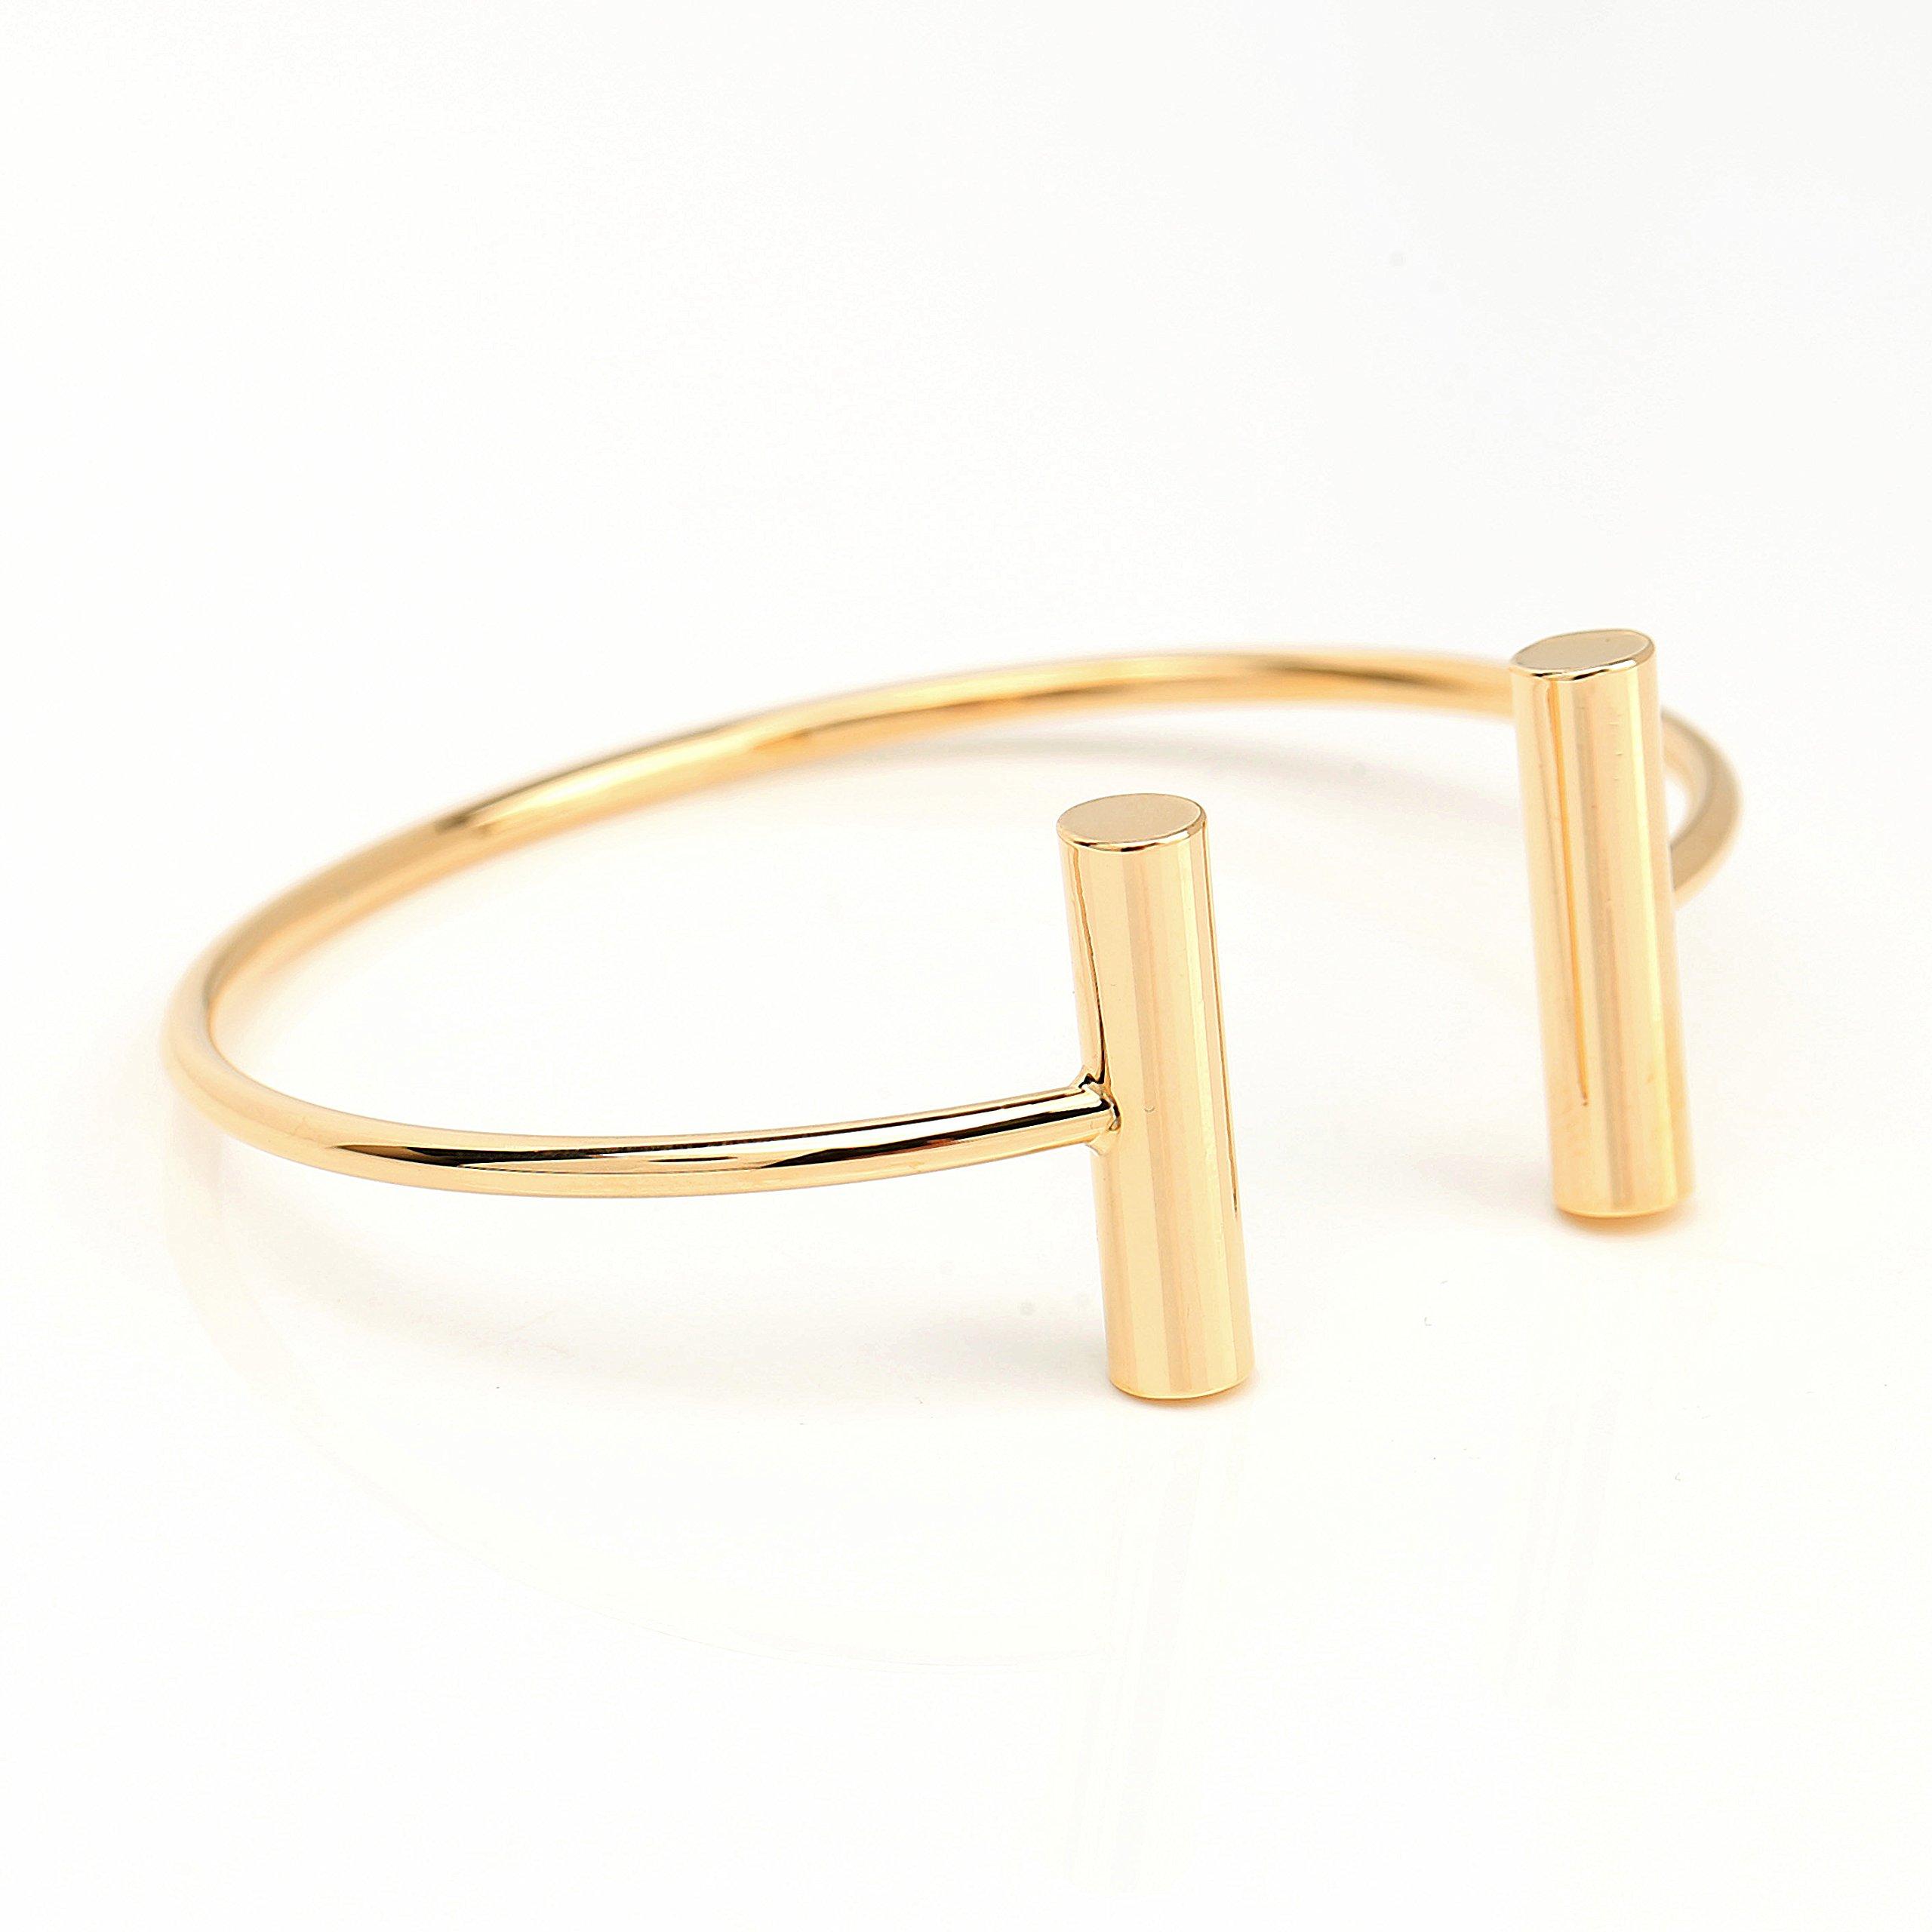 United Elegance Stylish Designer Bangle Bracelet with Contemporary T-Bar Design by United Elegance (Image #3)